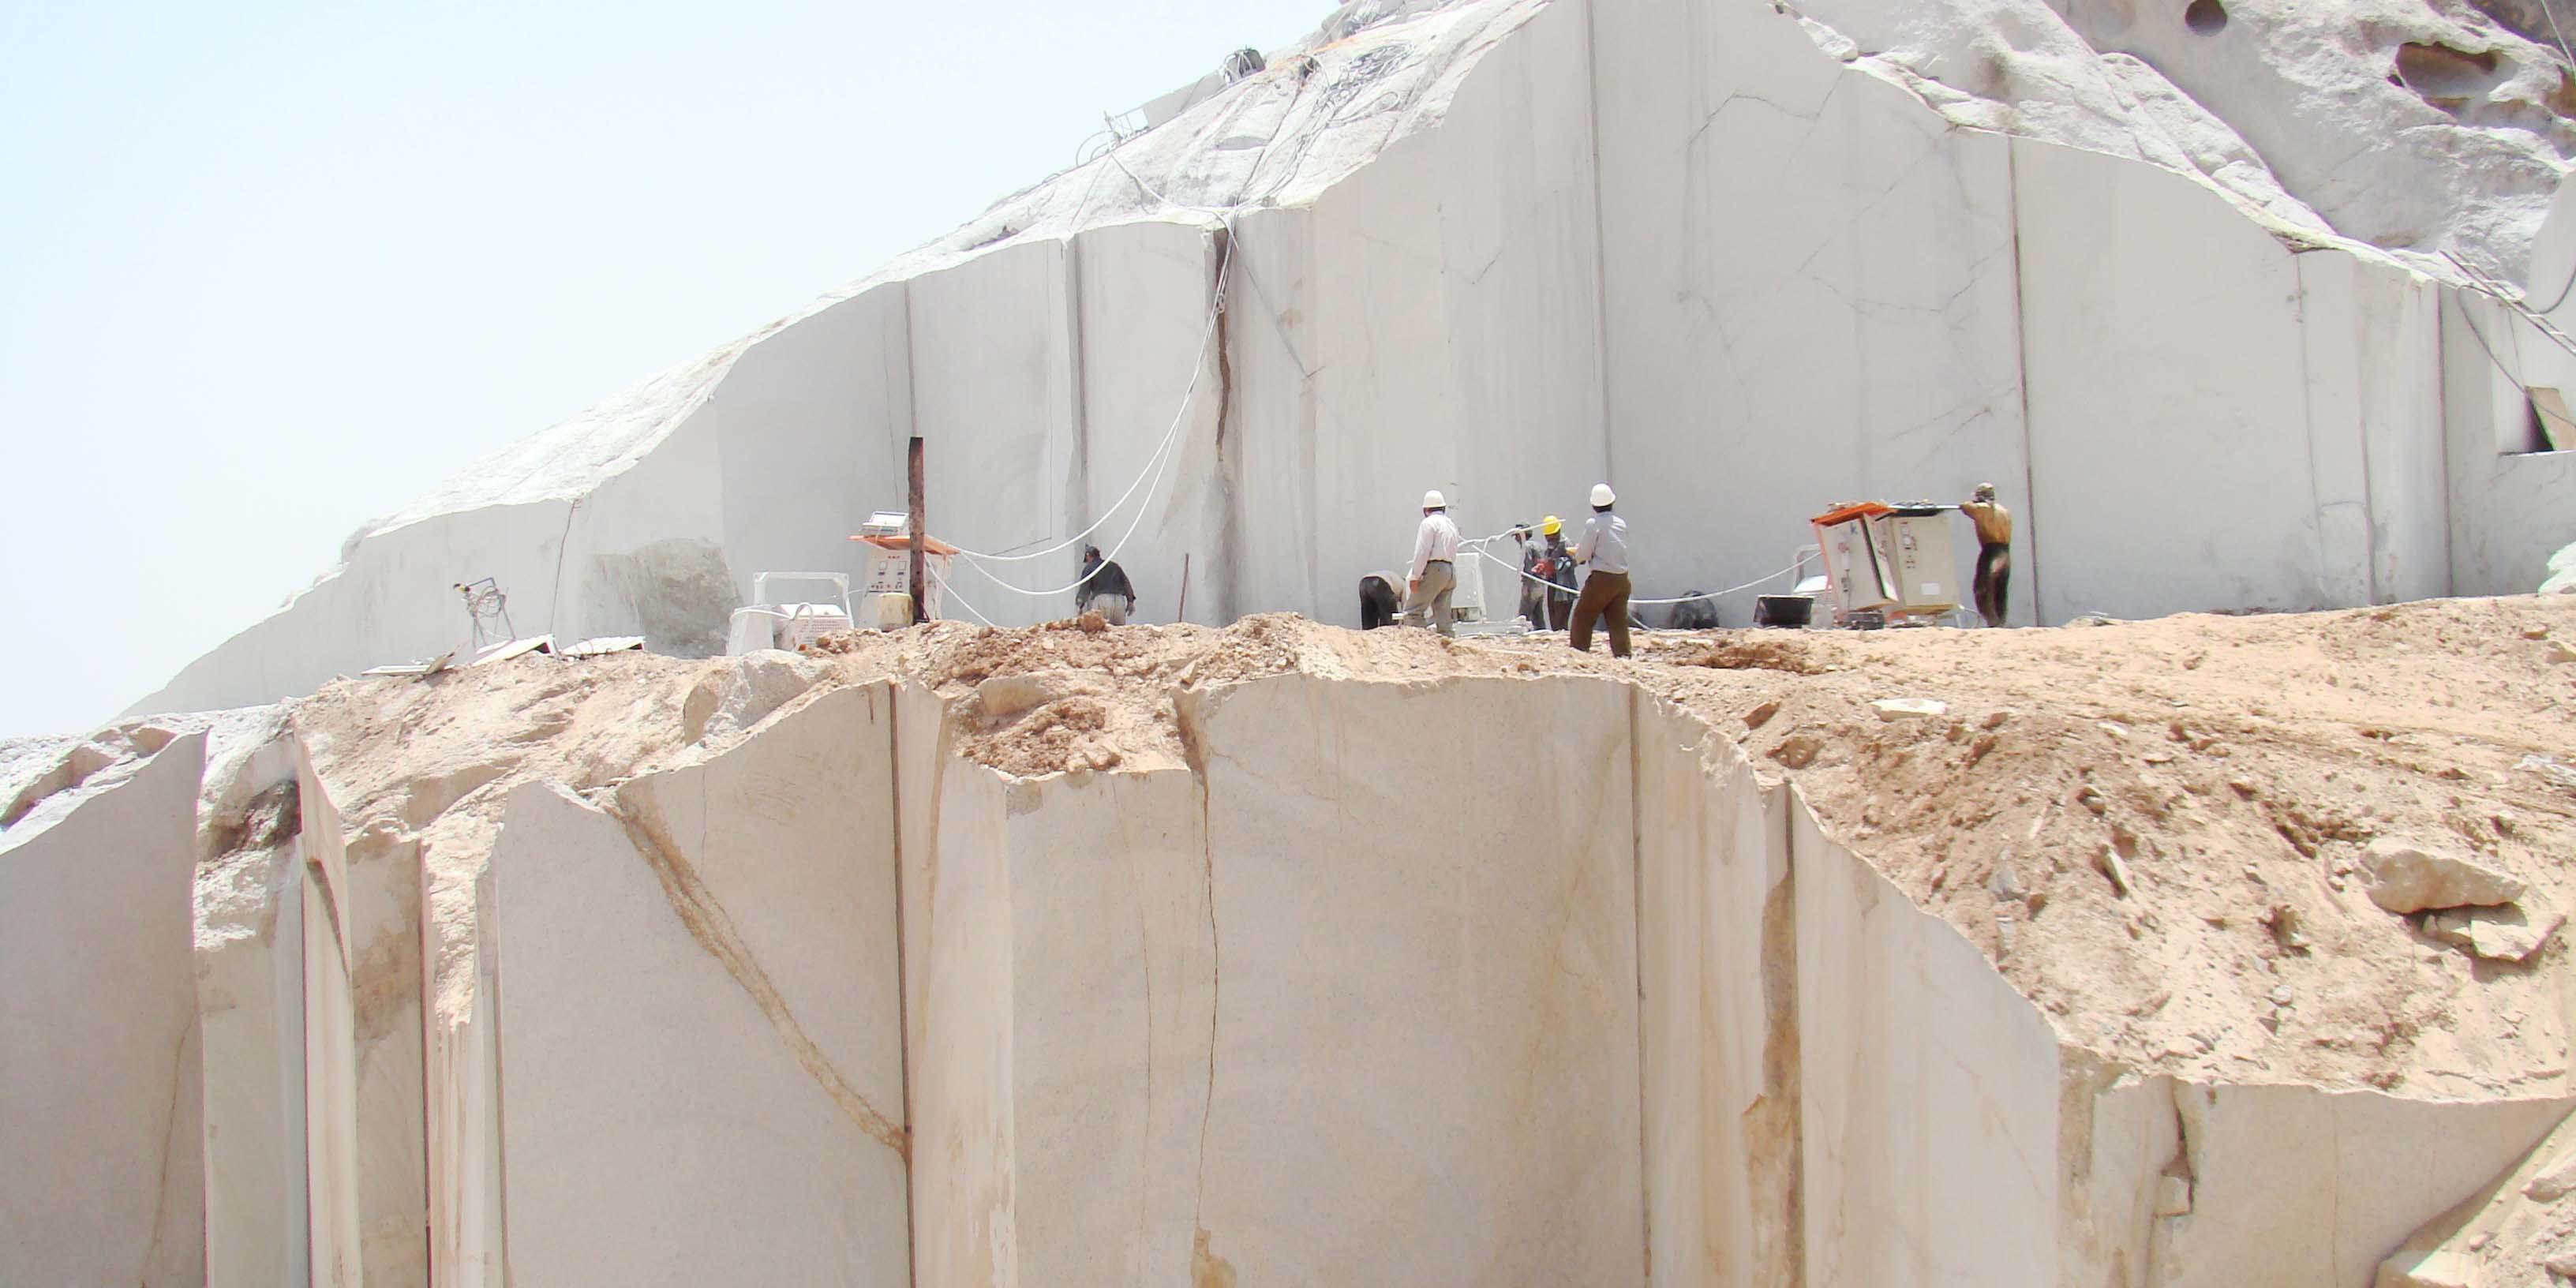 صنعت سنگ، زمینگیر تصمیمات غیرکارشناسی/صادرات نصف شد